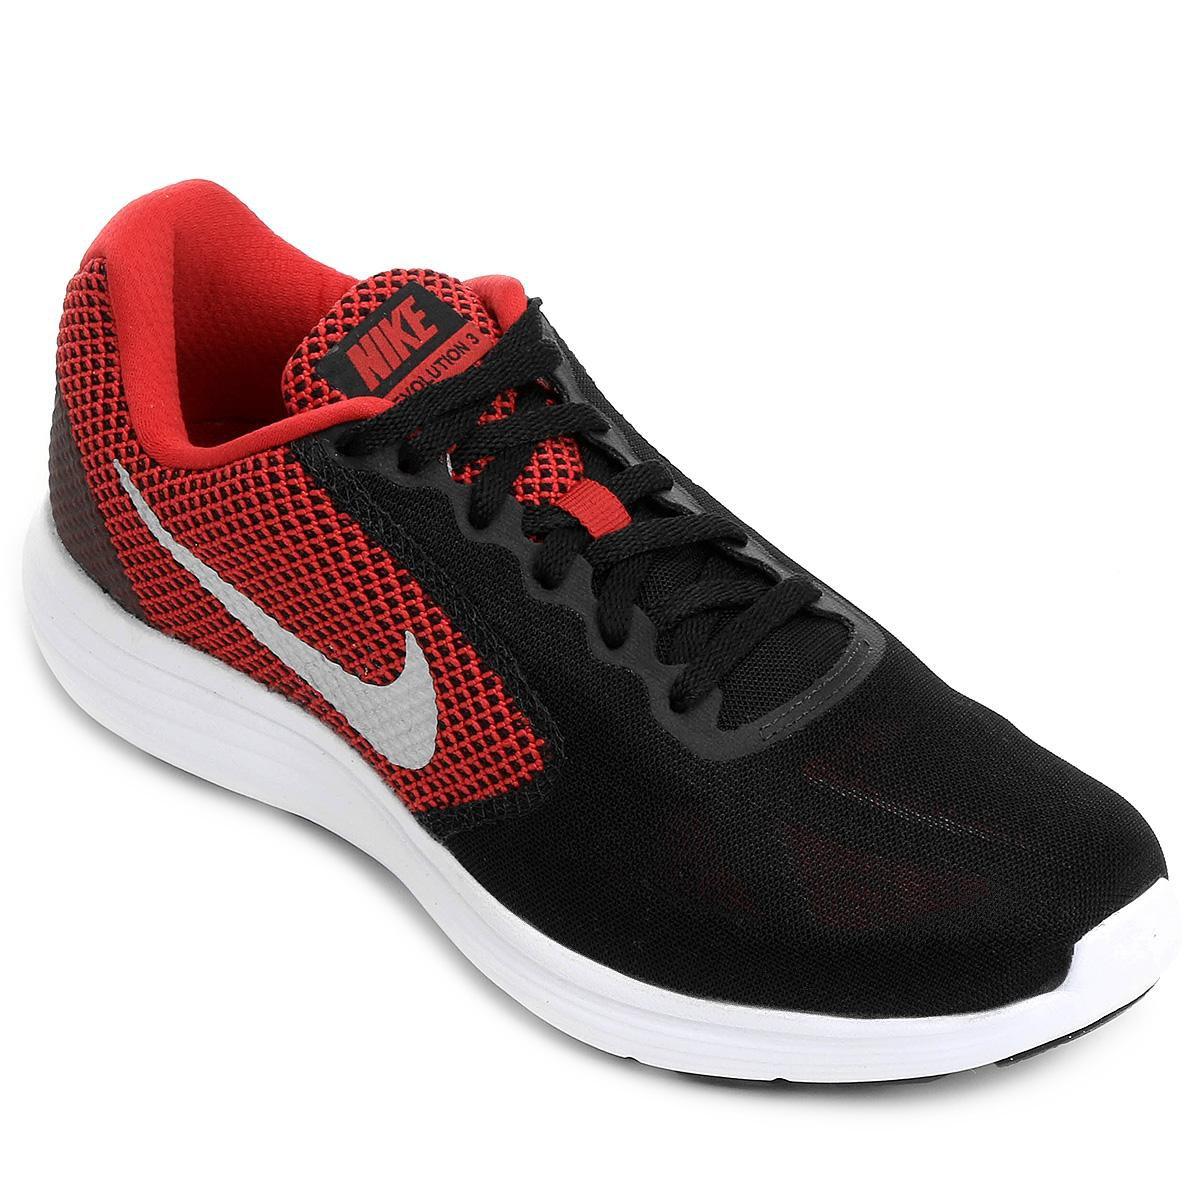 0a63ccc1316 Tênis Nike Revolution 3 Masculino - Vermelho e Preto - Compre Agora ...